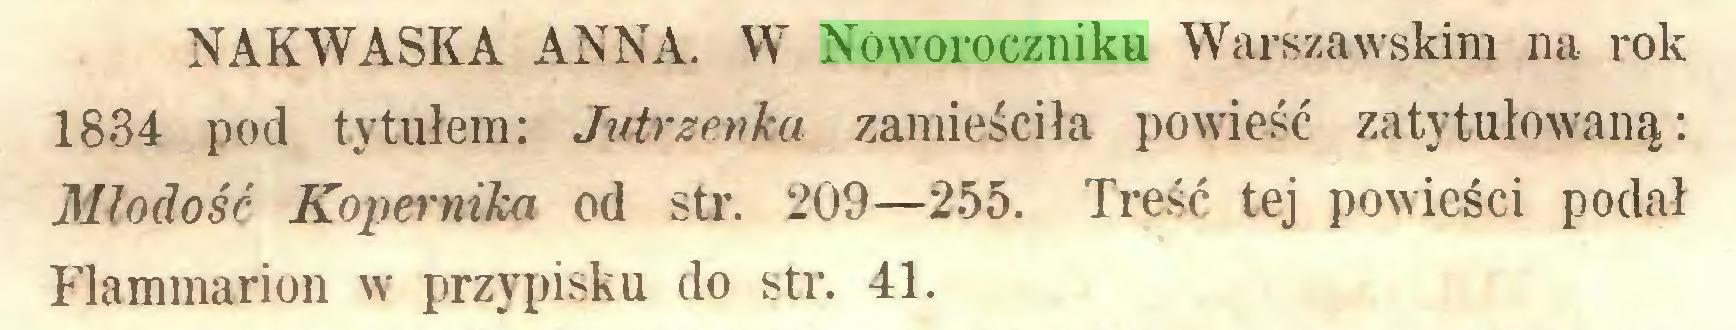 (...) NAKWASKA ANNA. W Noworoczniku Warszawskim na rok 1834 pod tytułem: Jutrzenka zamieściła powieść zatytułowaną: Młodość Kopernika od str. 209—255. Treść tej powieści podał Flammarion w przypisku do str. 41...